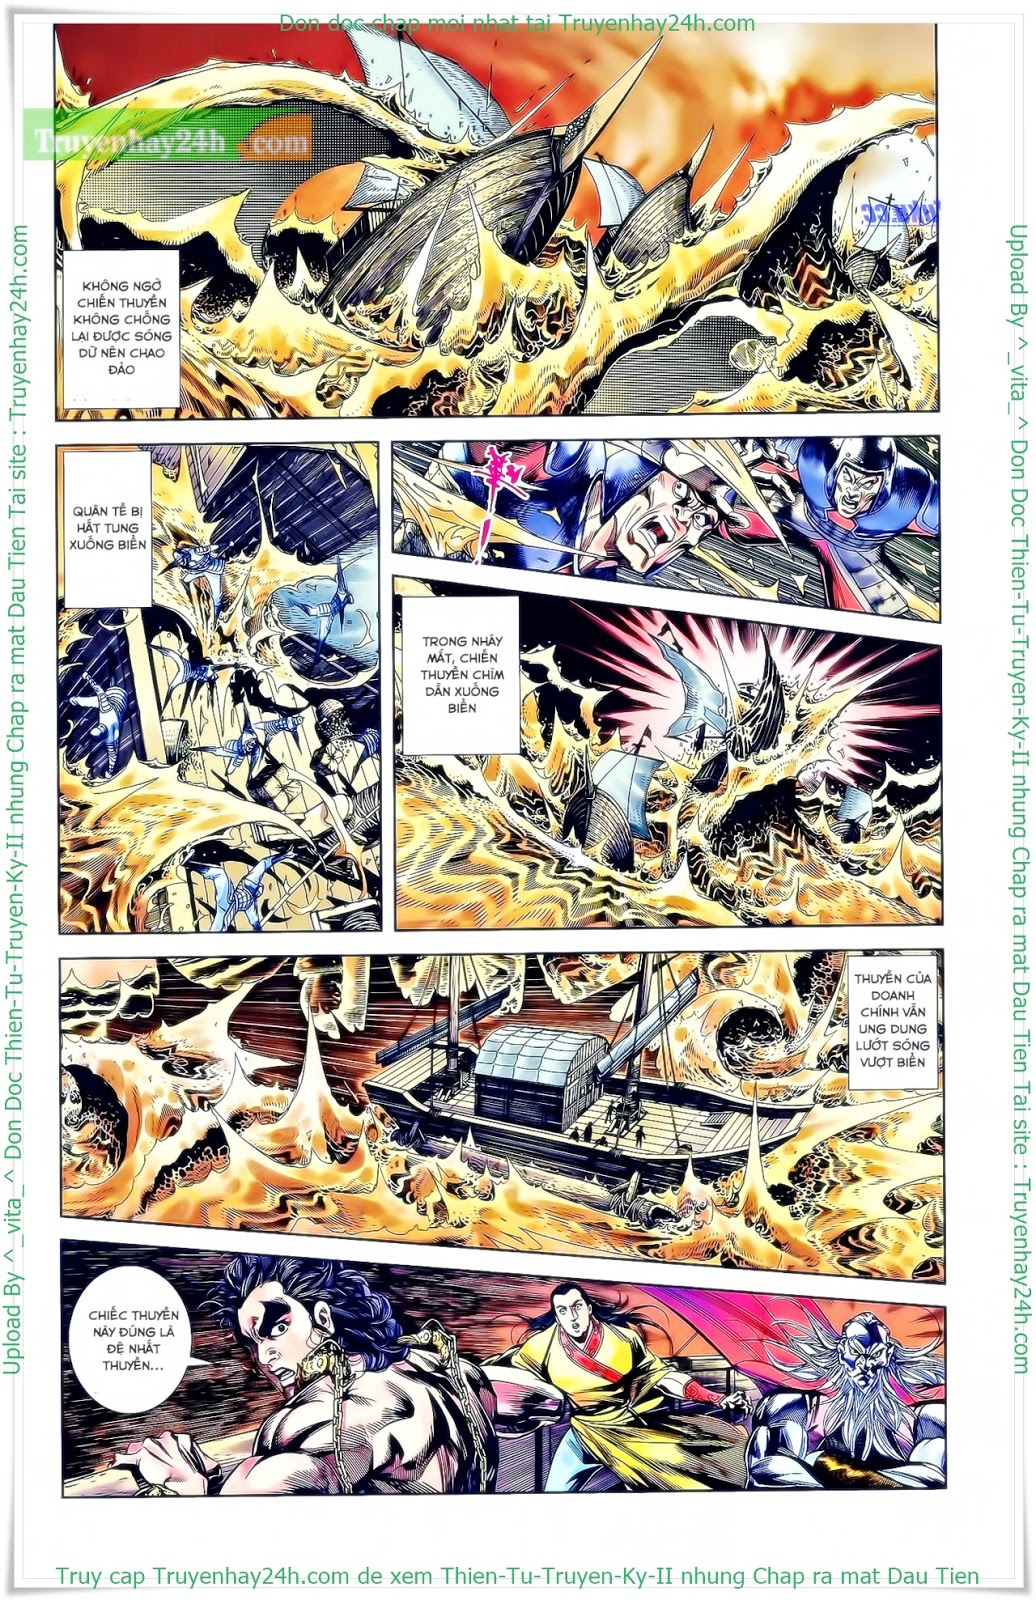 Tần Vương Doanh Chính chapter 27 trang 7